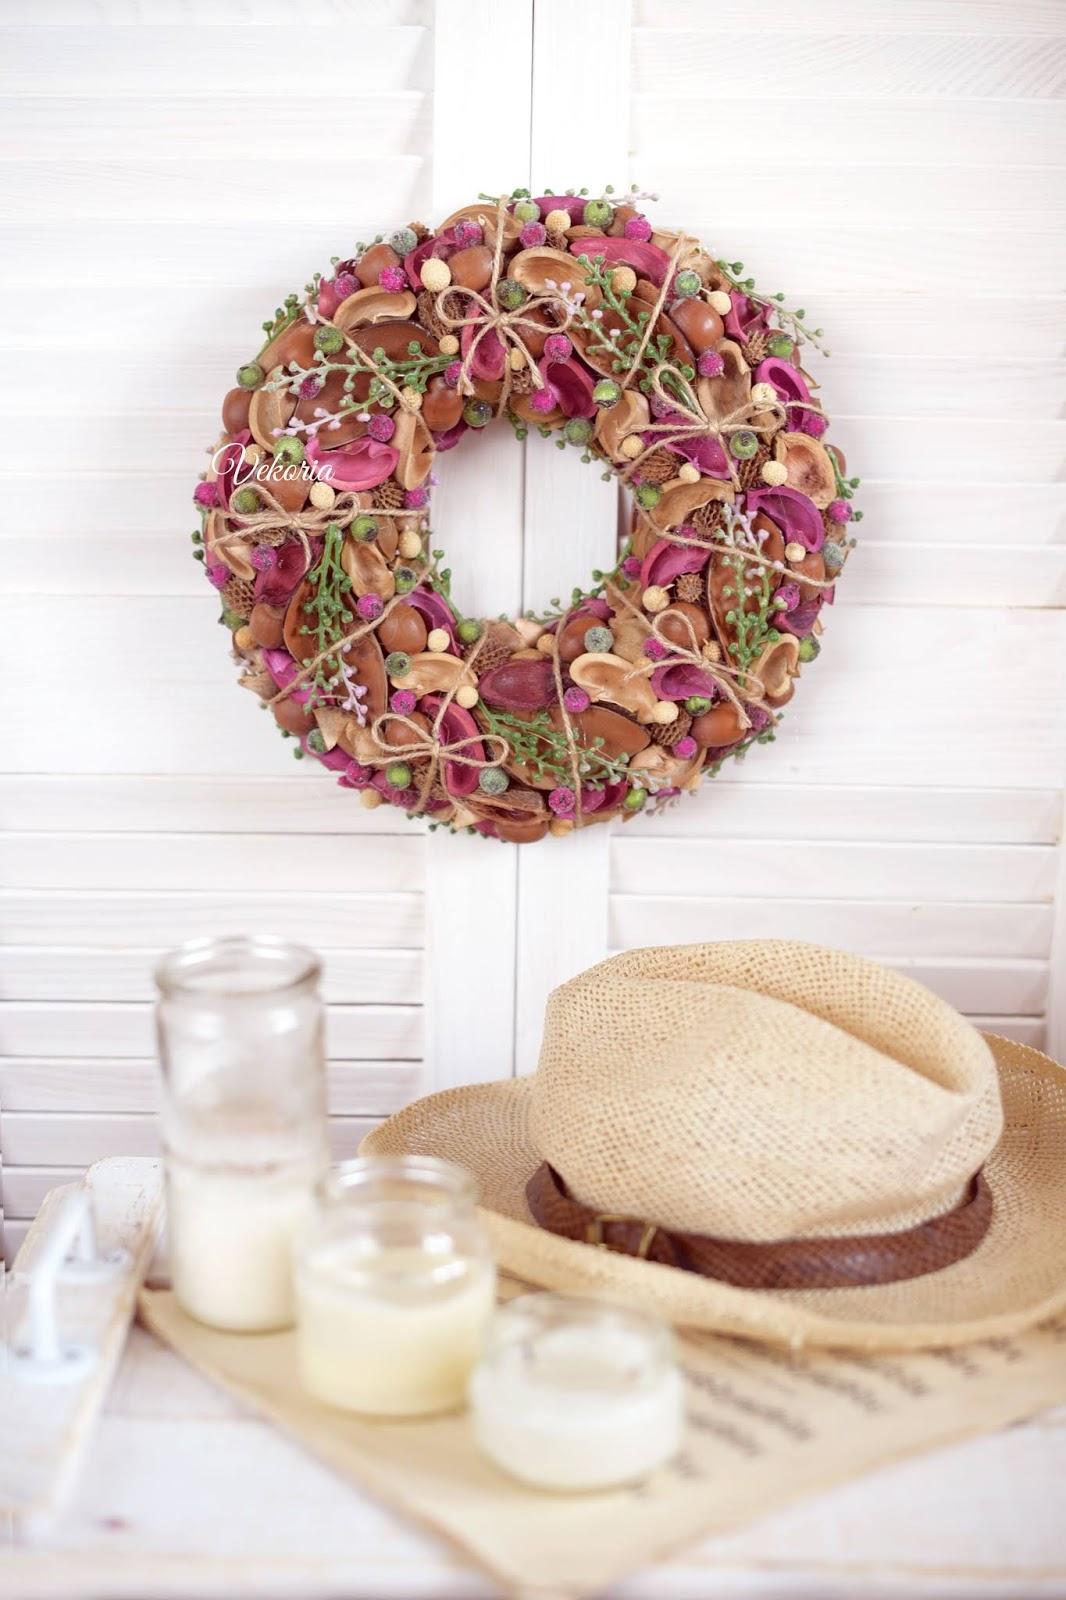 купить венок на дверь / buy a wreath door